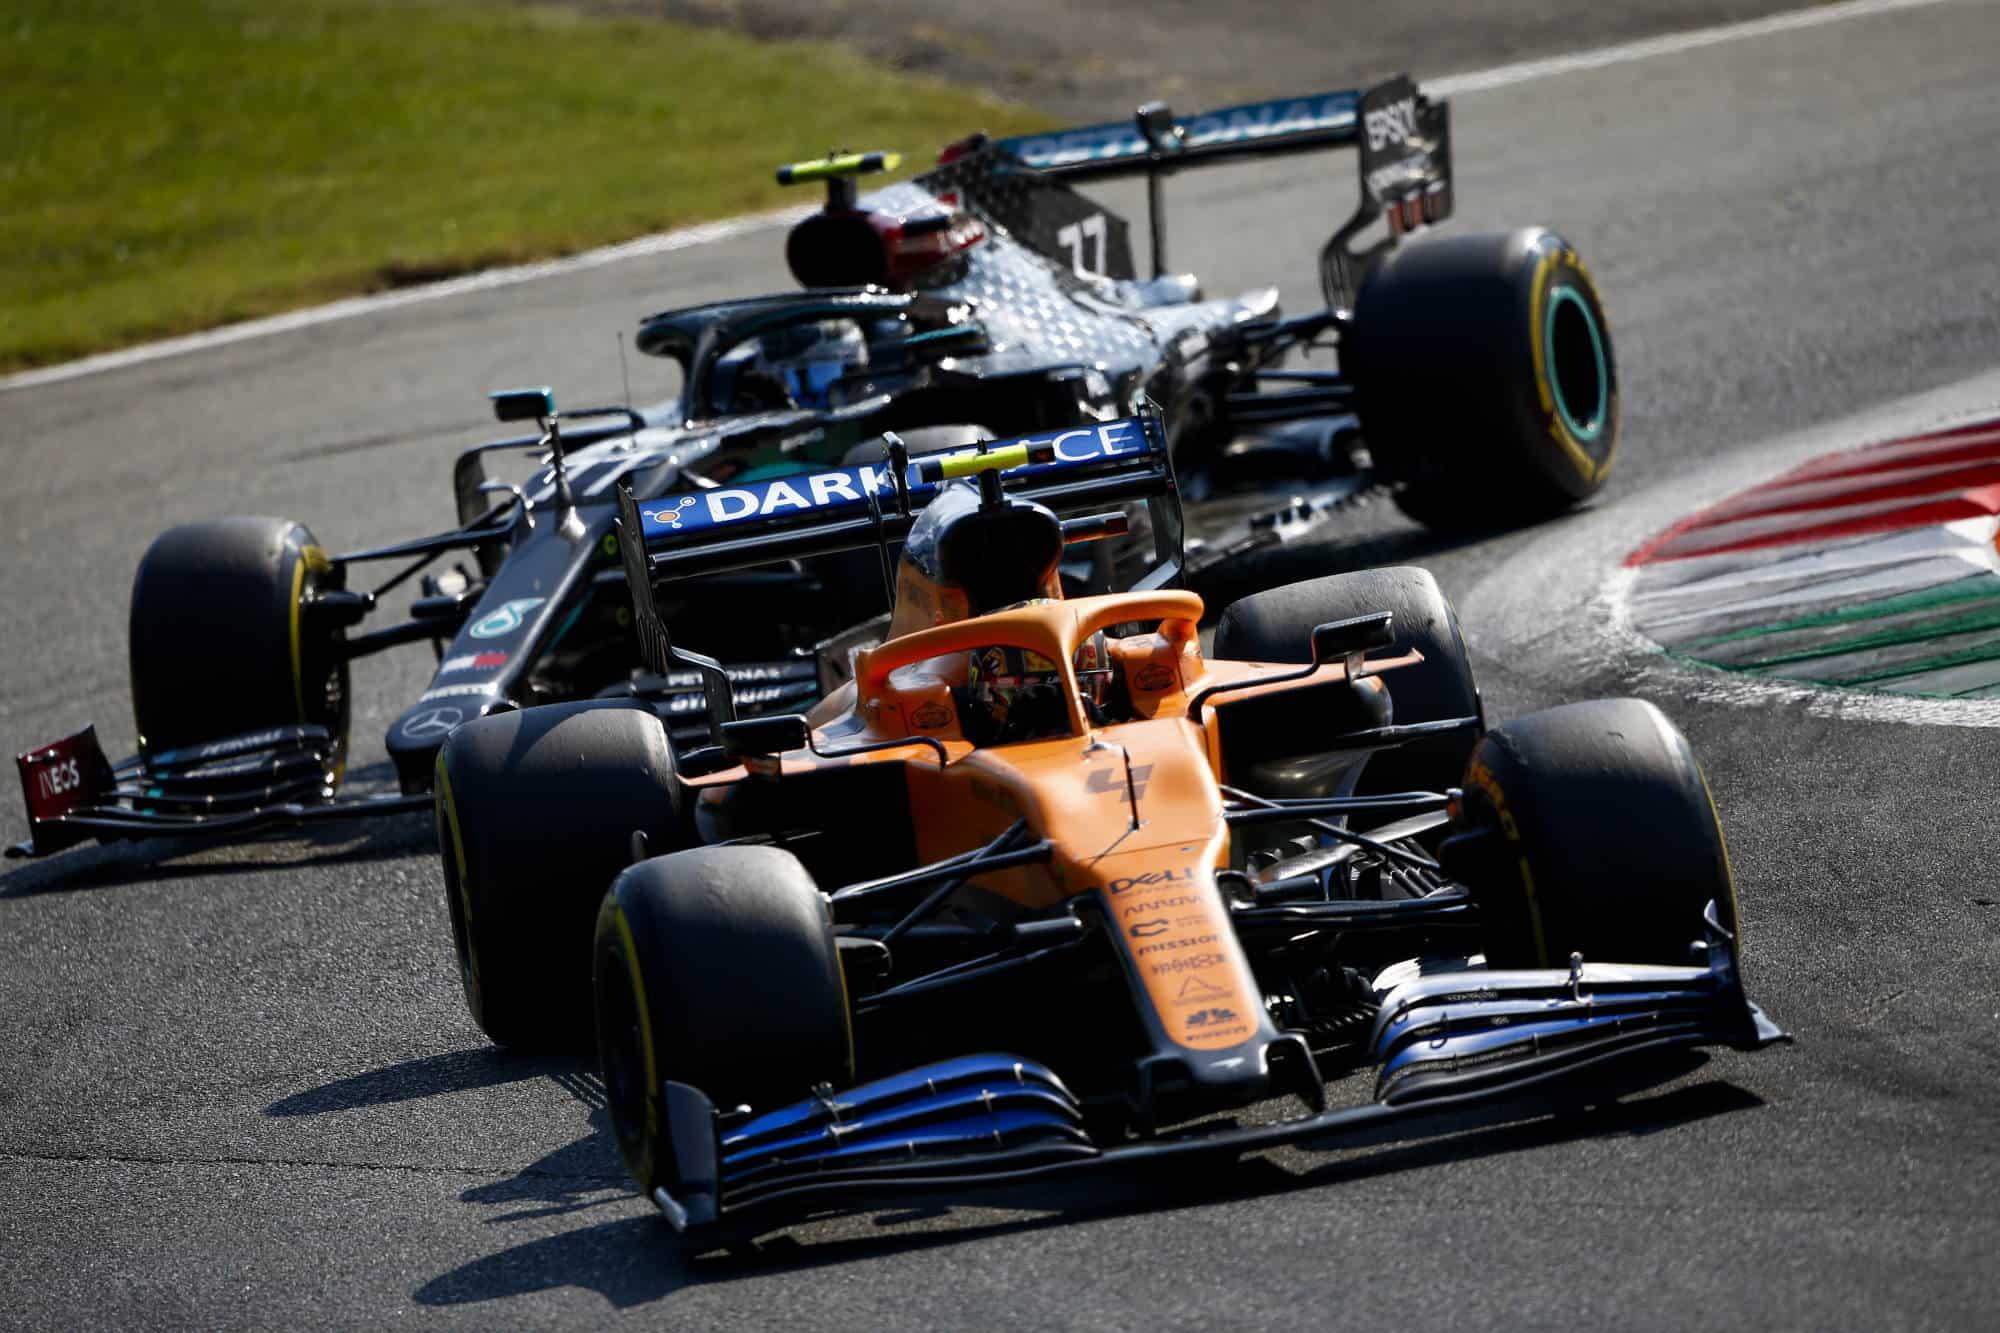 2020 Italian Grand Prix Sunday GP Norris McLaren leads Bottas Mercedes Photo McLaren